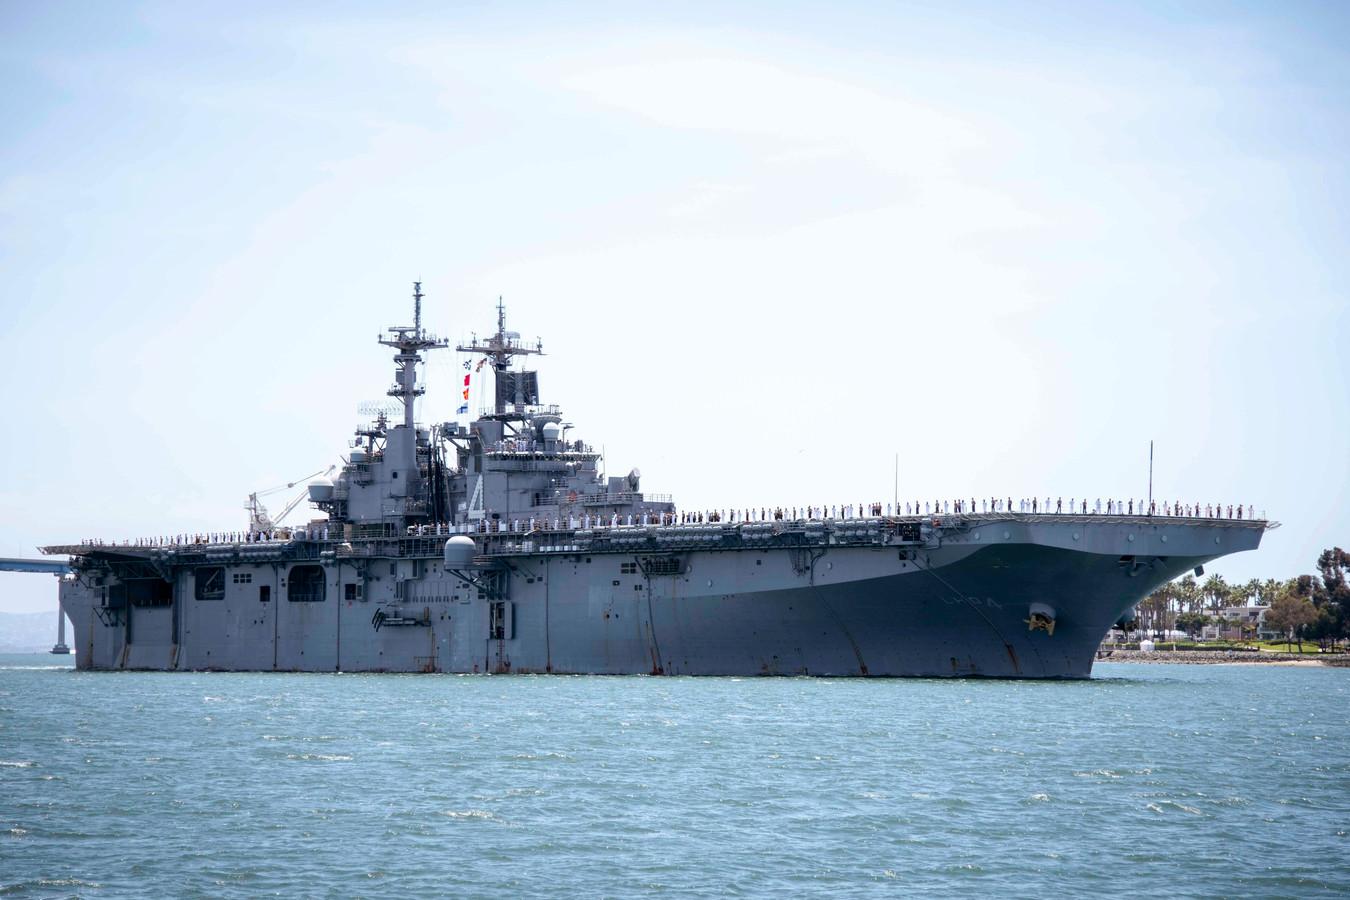 """Selon le président américain, le drone iranien s'est approché à moins de 1.000 mètres du navire USS Boxer (photo), qui a entrepris """"une action défensive""""."""